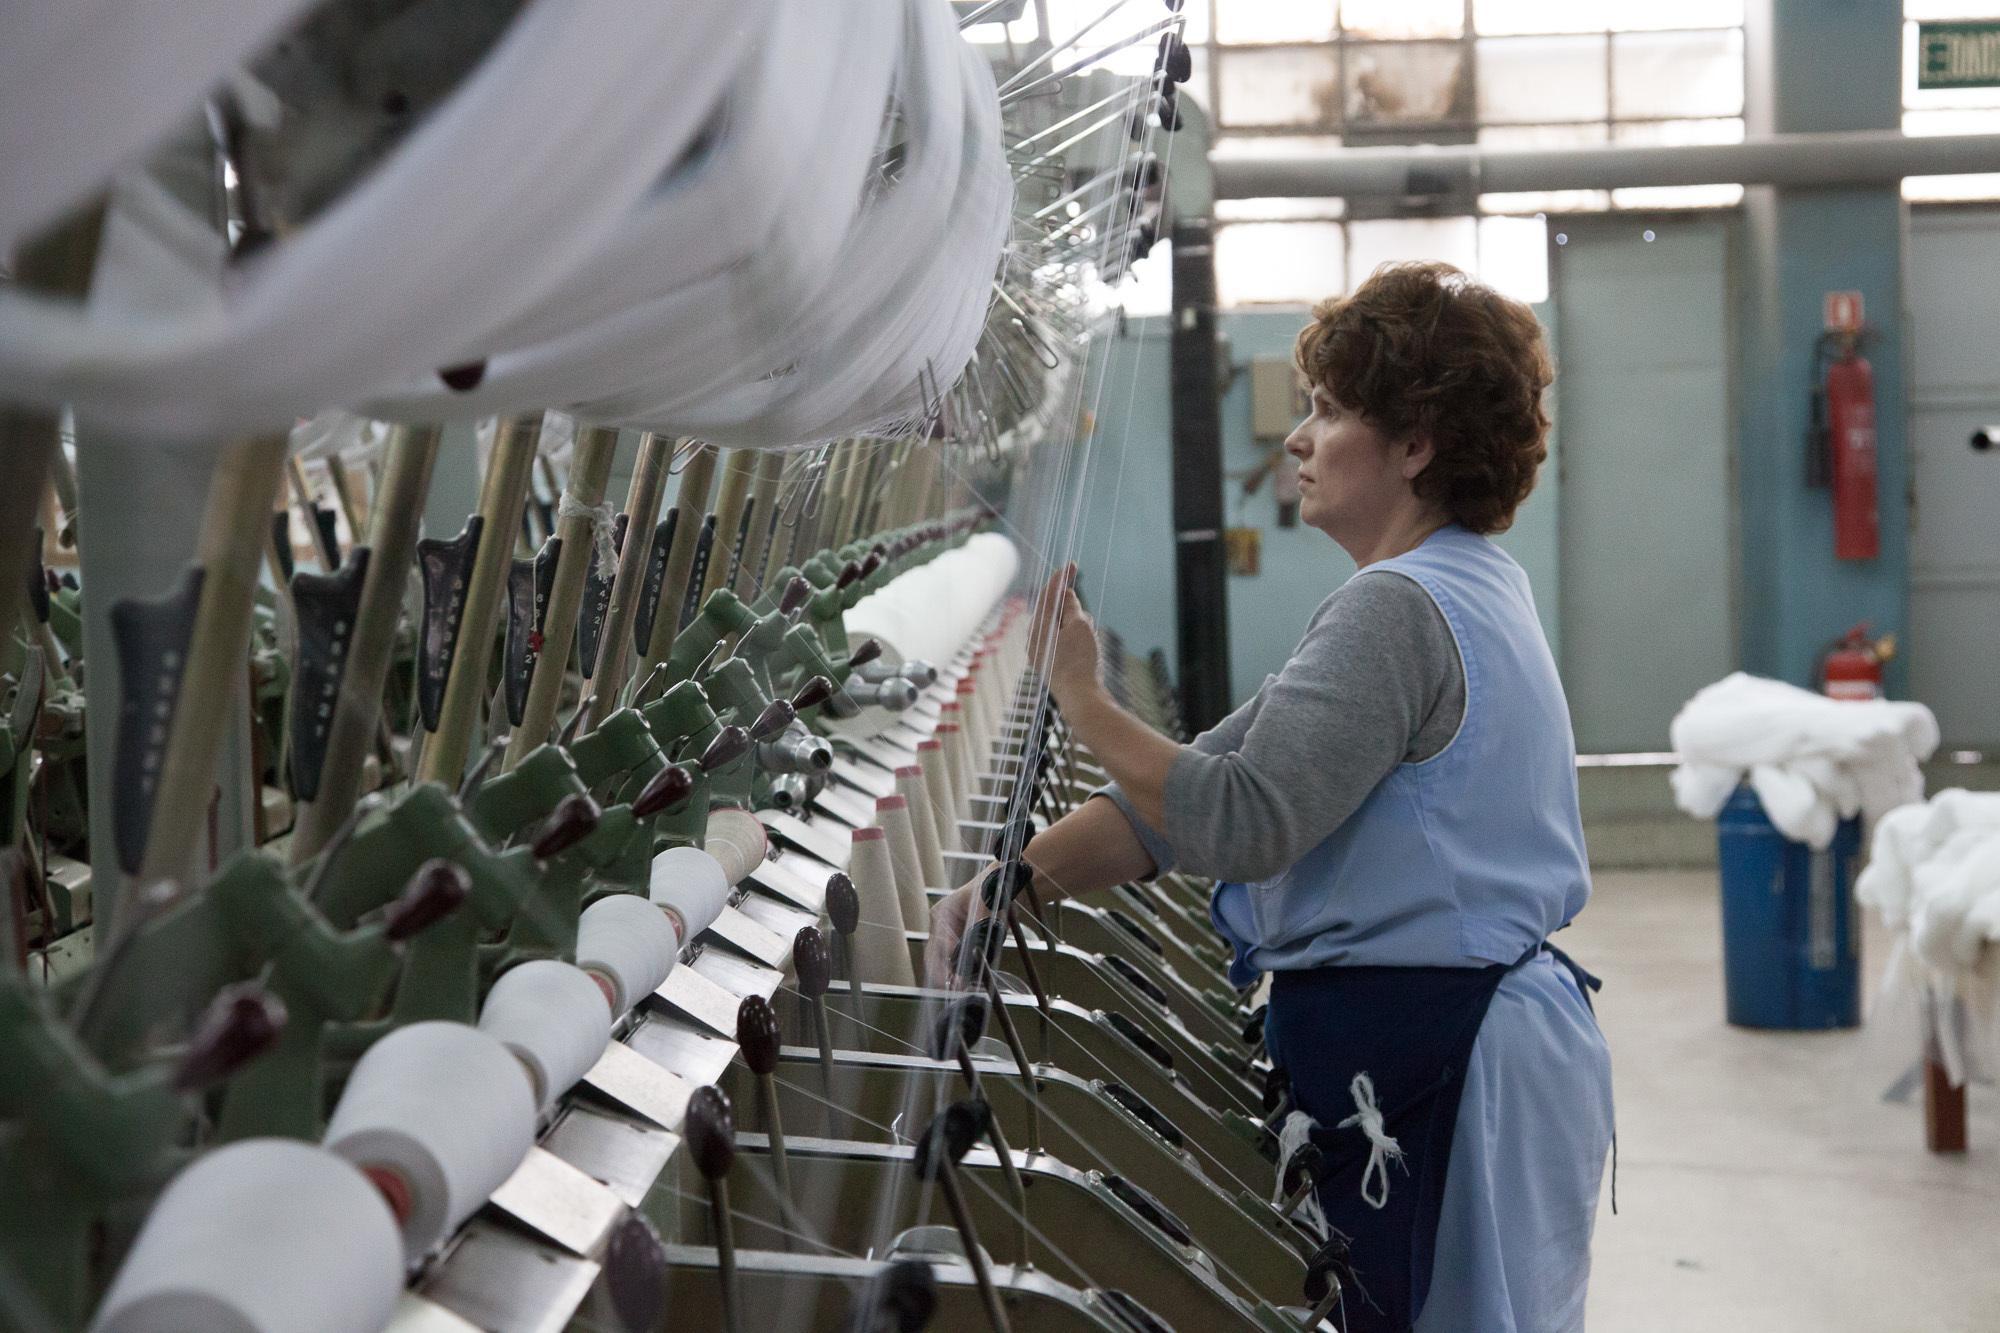 Επίδομα 800 ευρώ: Άνοιξε η πλατφόρμα για δηλώσεις αναστολών